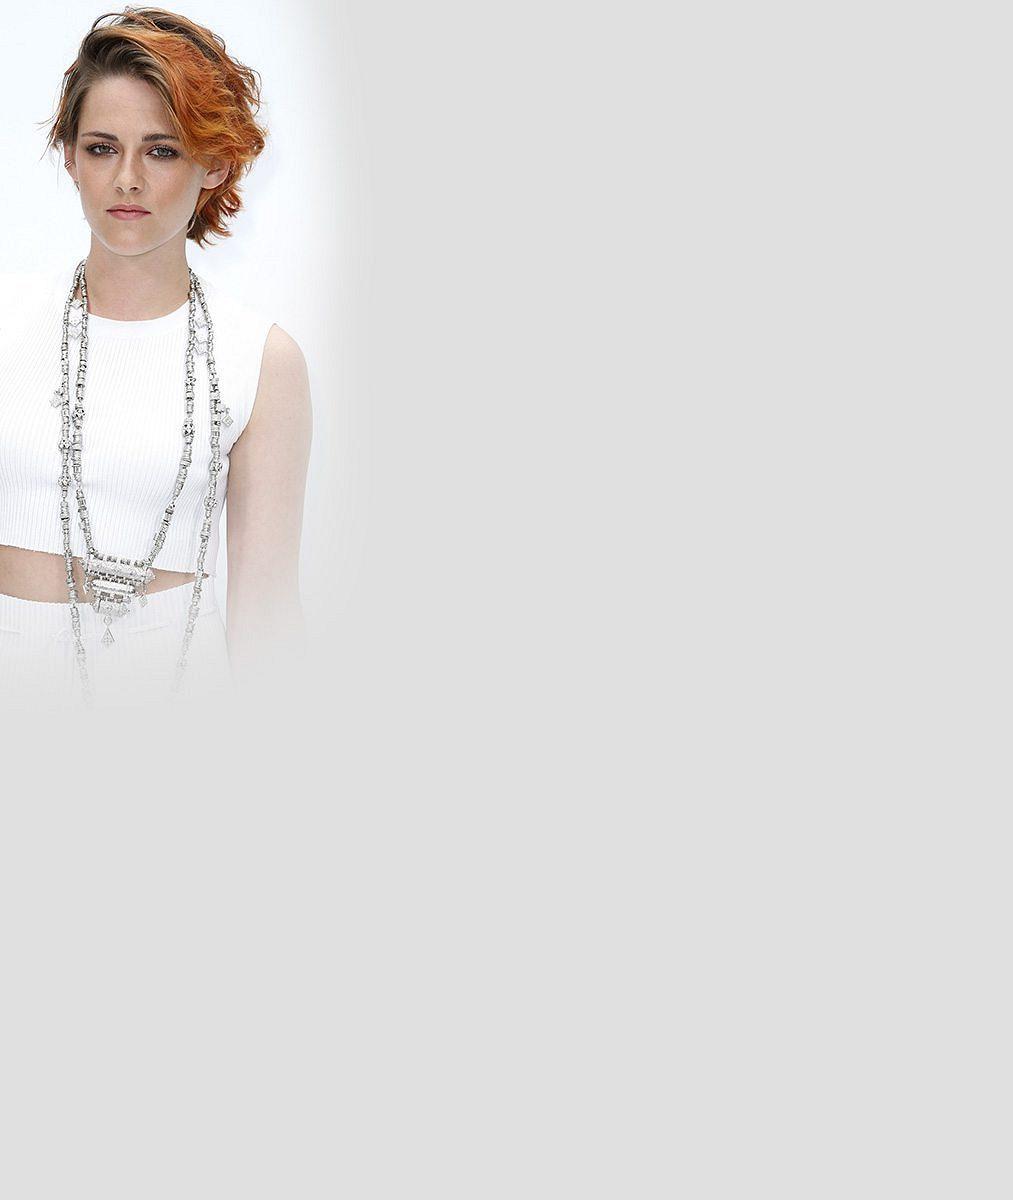 Aférka s Kristen Stewart přišla režiséra Sanderse draho! Po rozvodu mu nezůstalo skoro nic